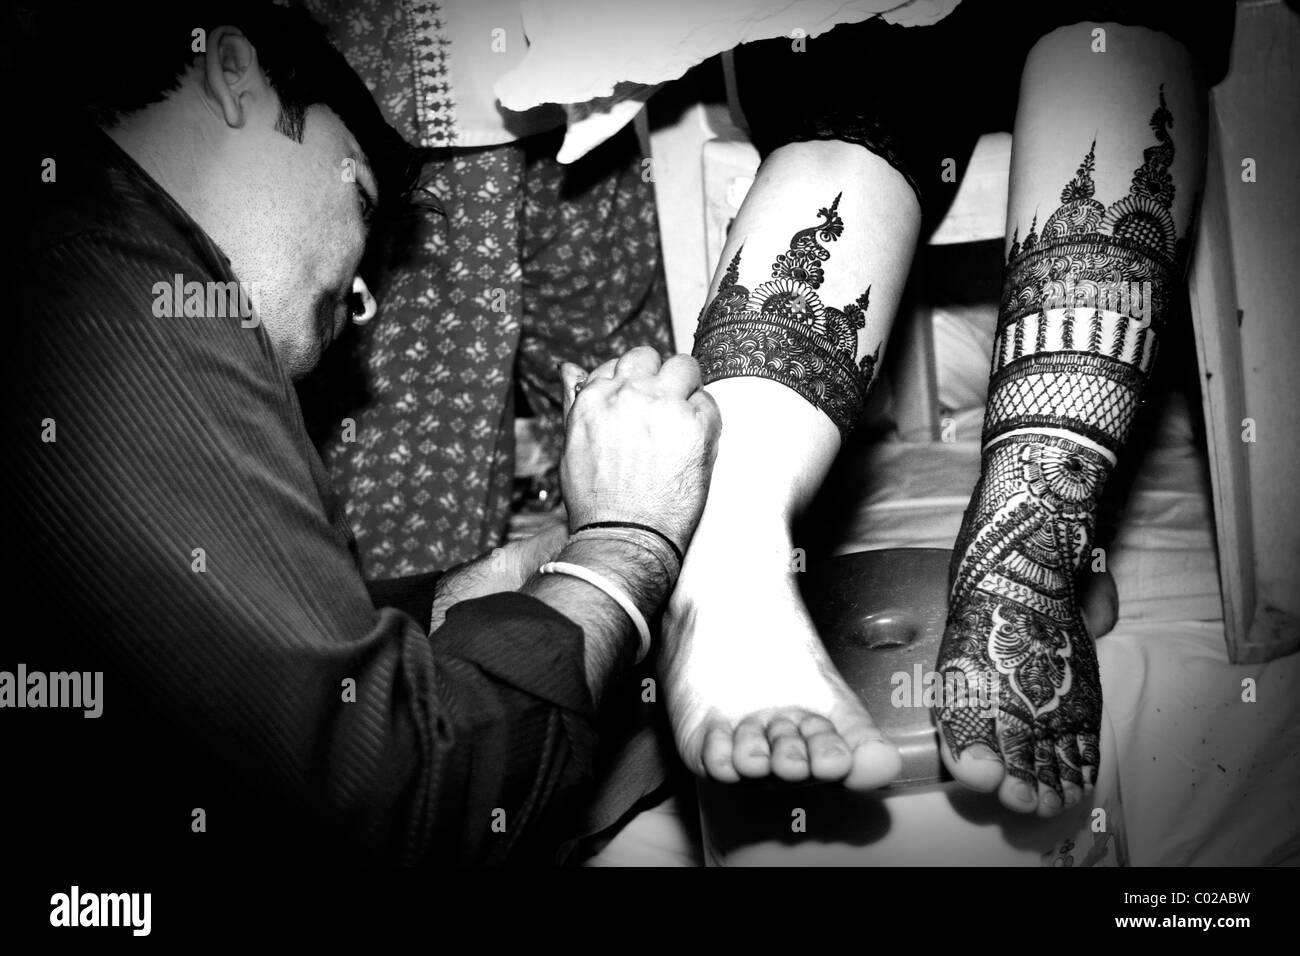 Eine indische Braut bekommt ihre Knöchel gemalt mit Henna in Neu-Delhi in Indien. Stockbild